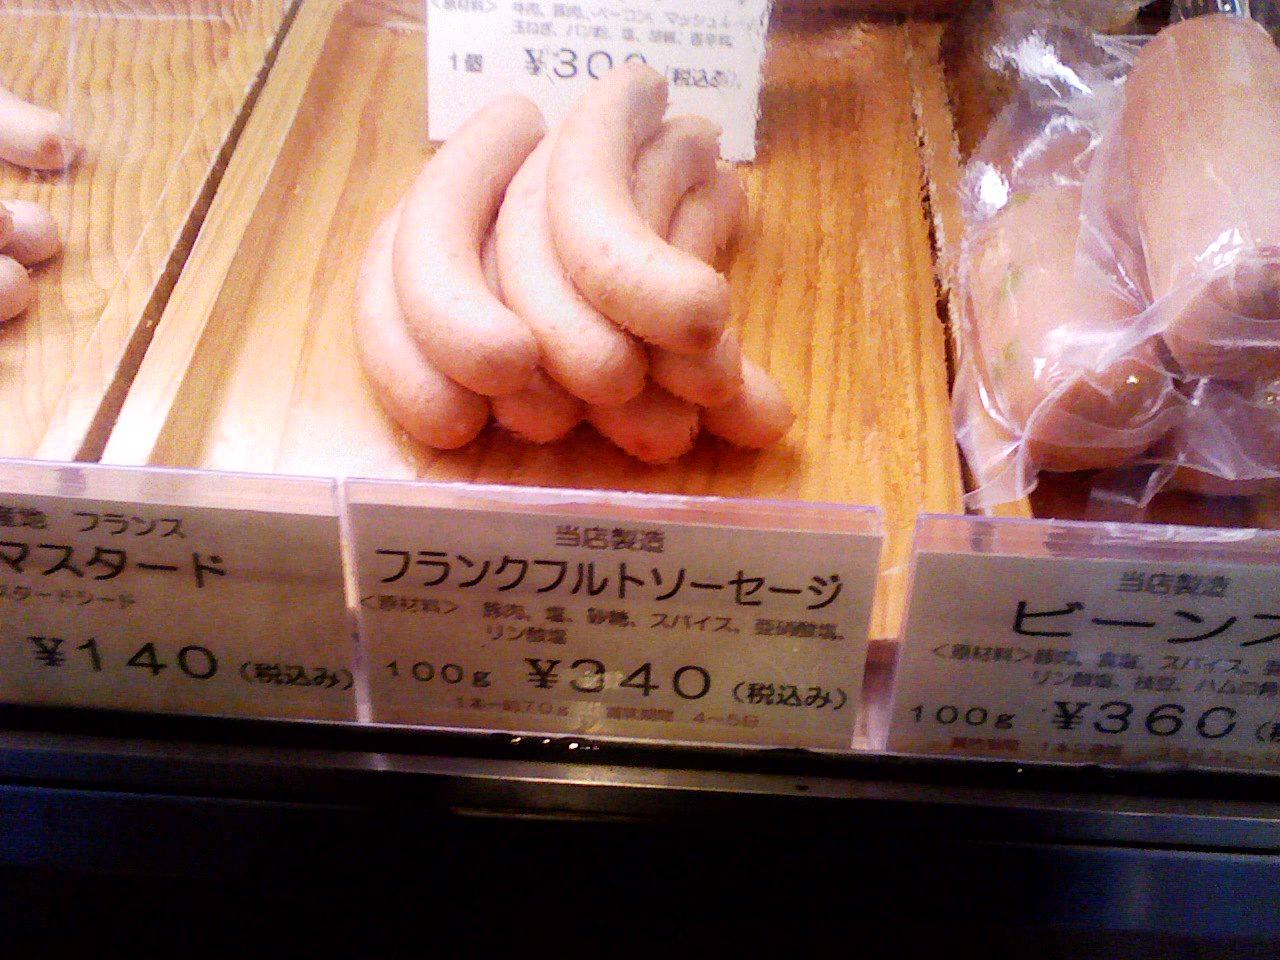 ルジャンボン 東大泉店(本店)